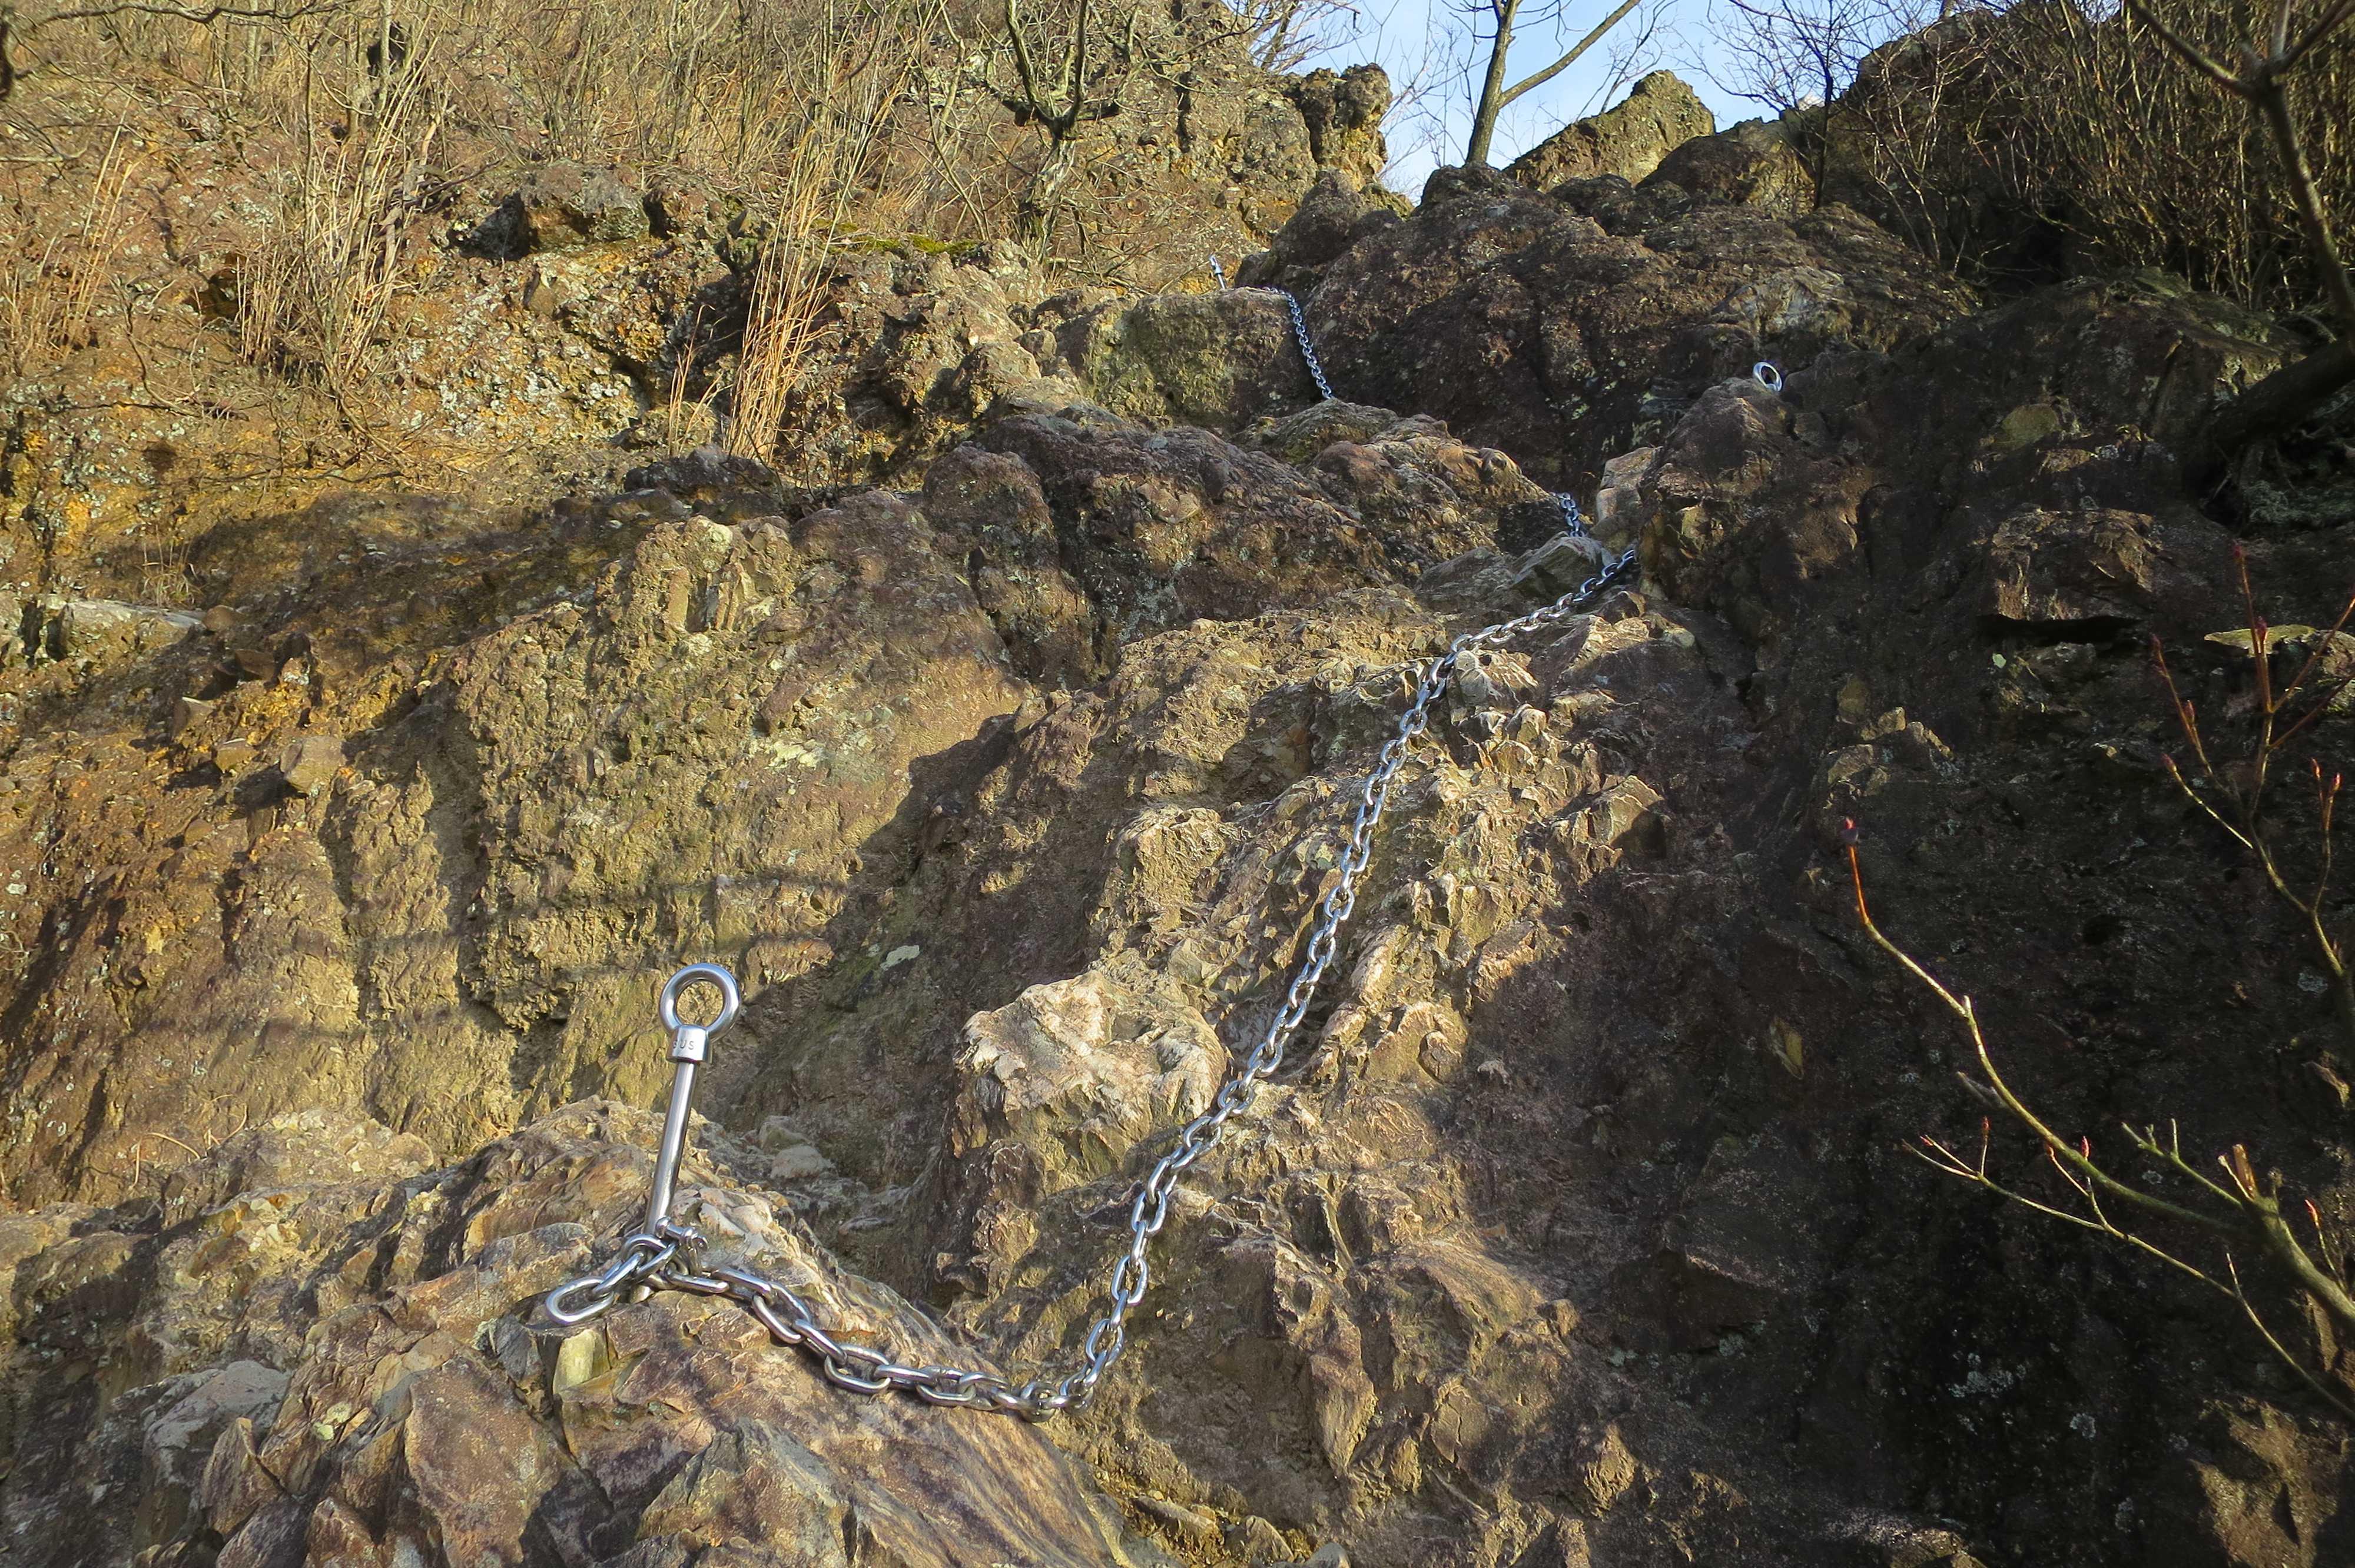 急角度の岩場 - 出釈迦寺